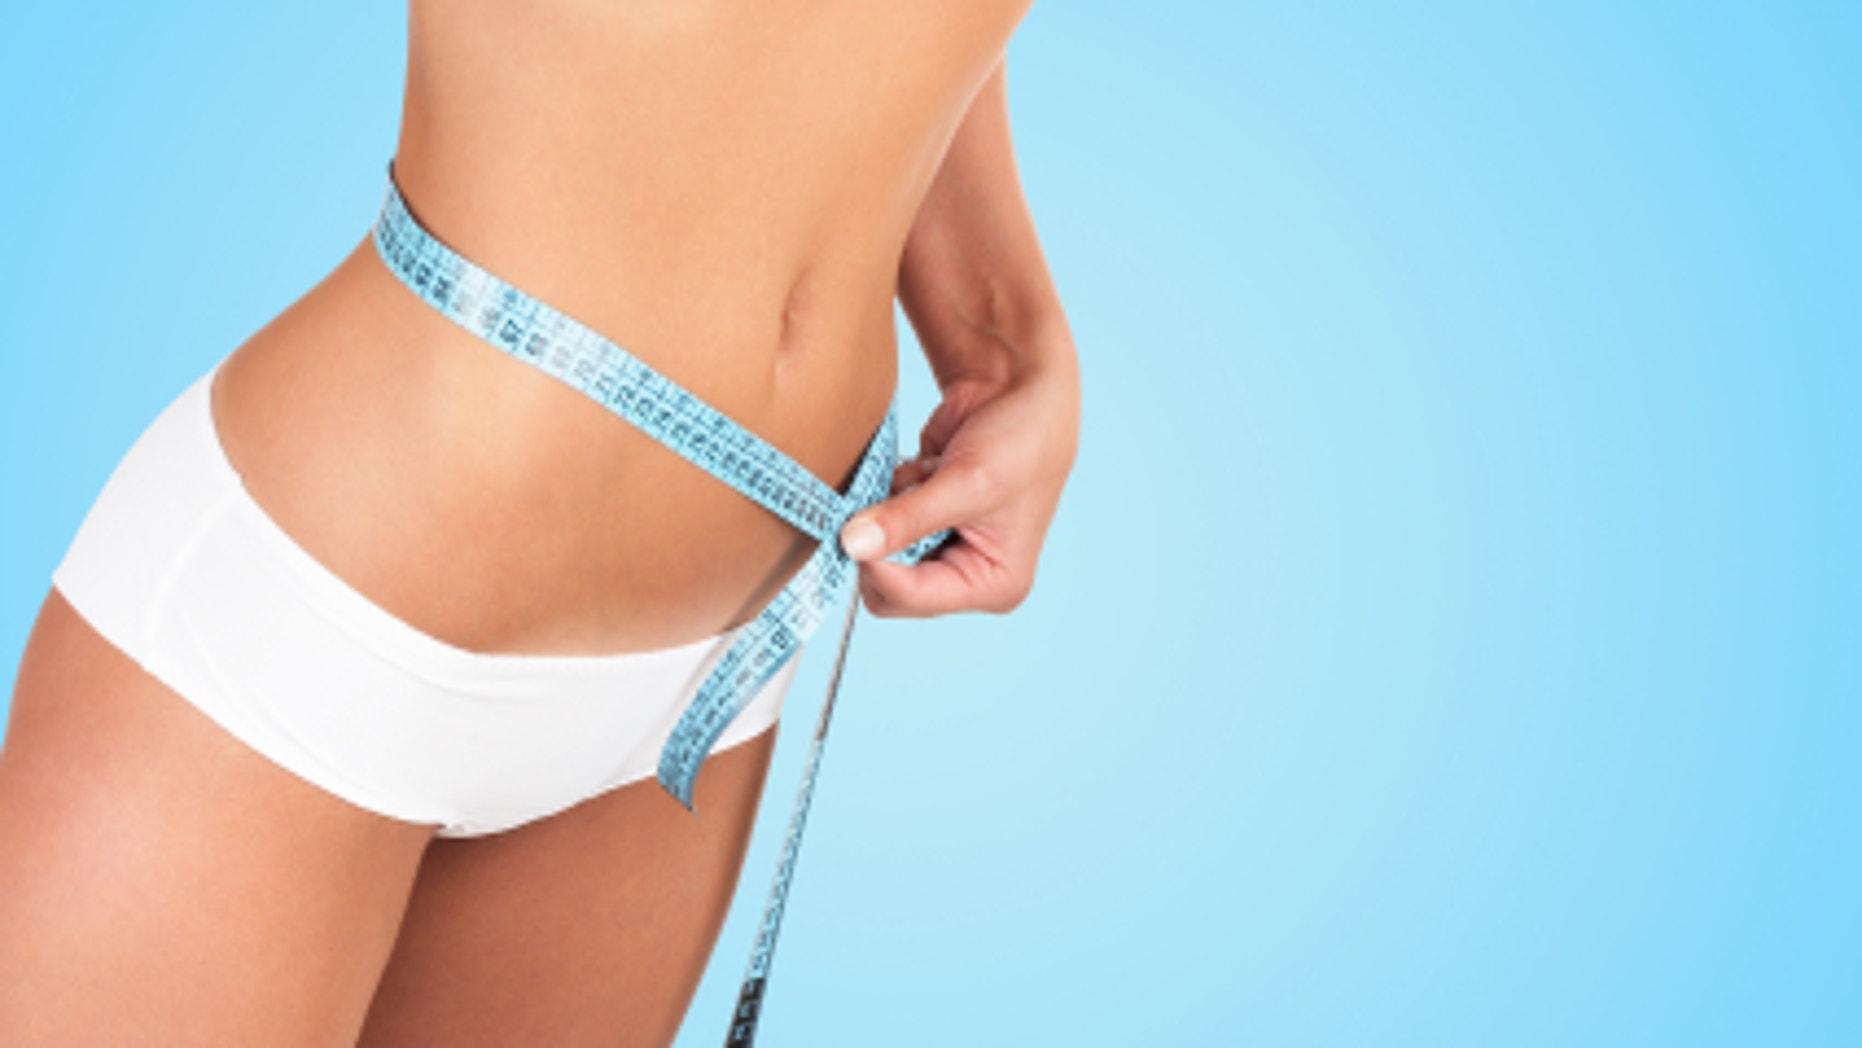 Beautiful woman measuring her waist - high key shot in studio